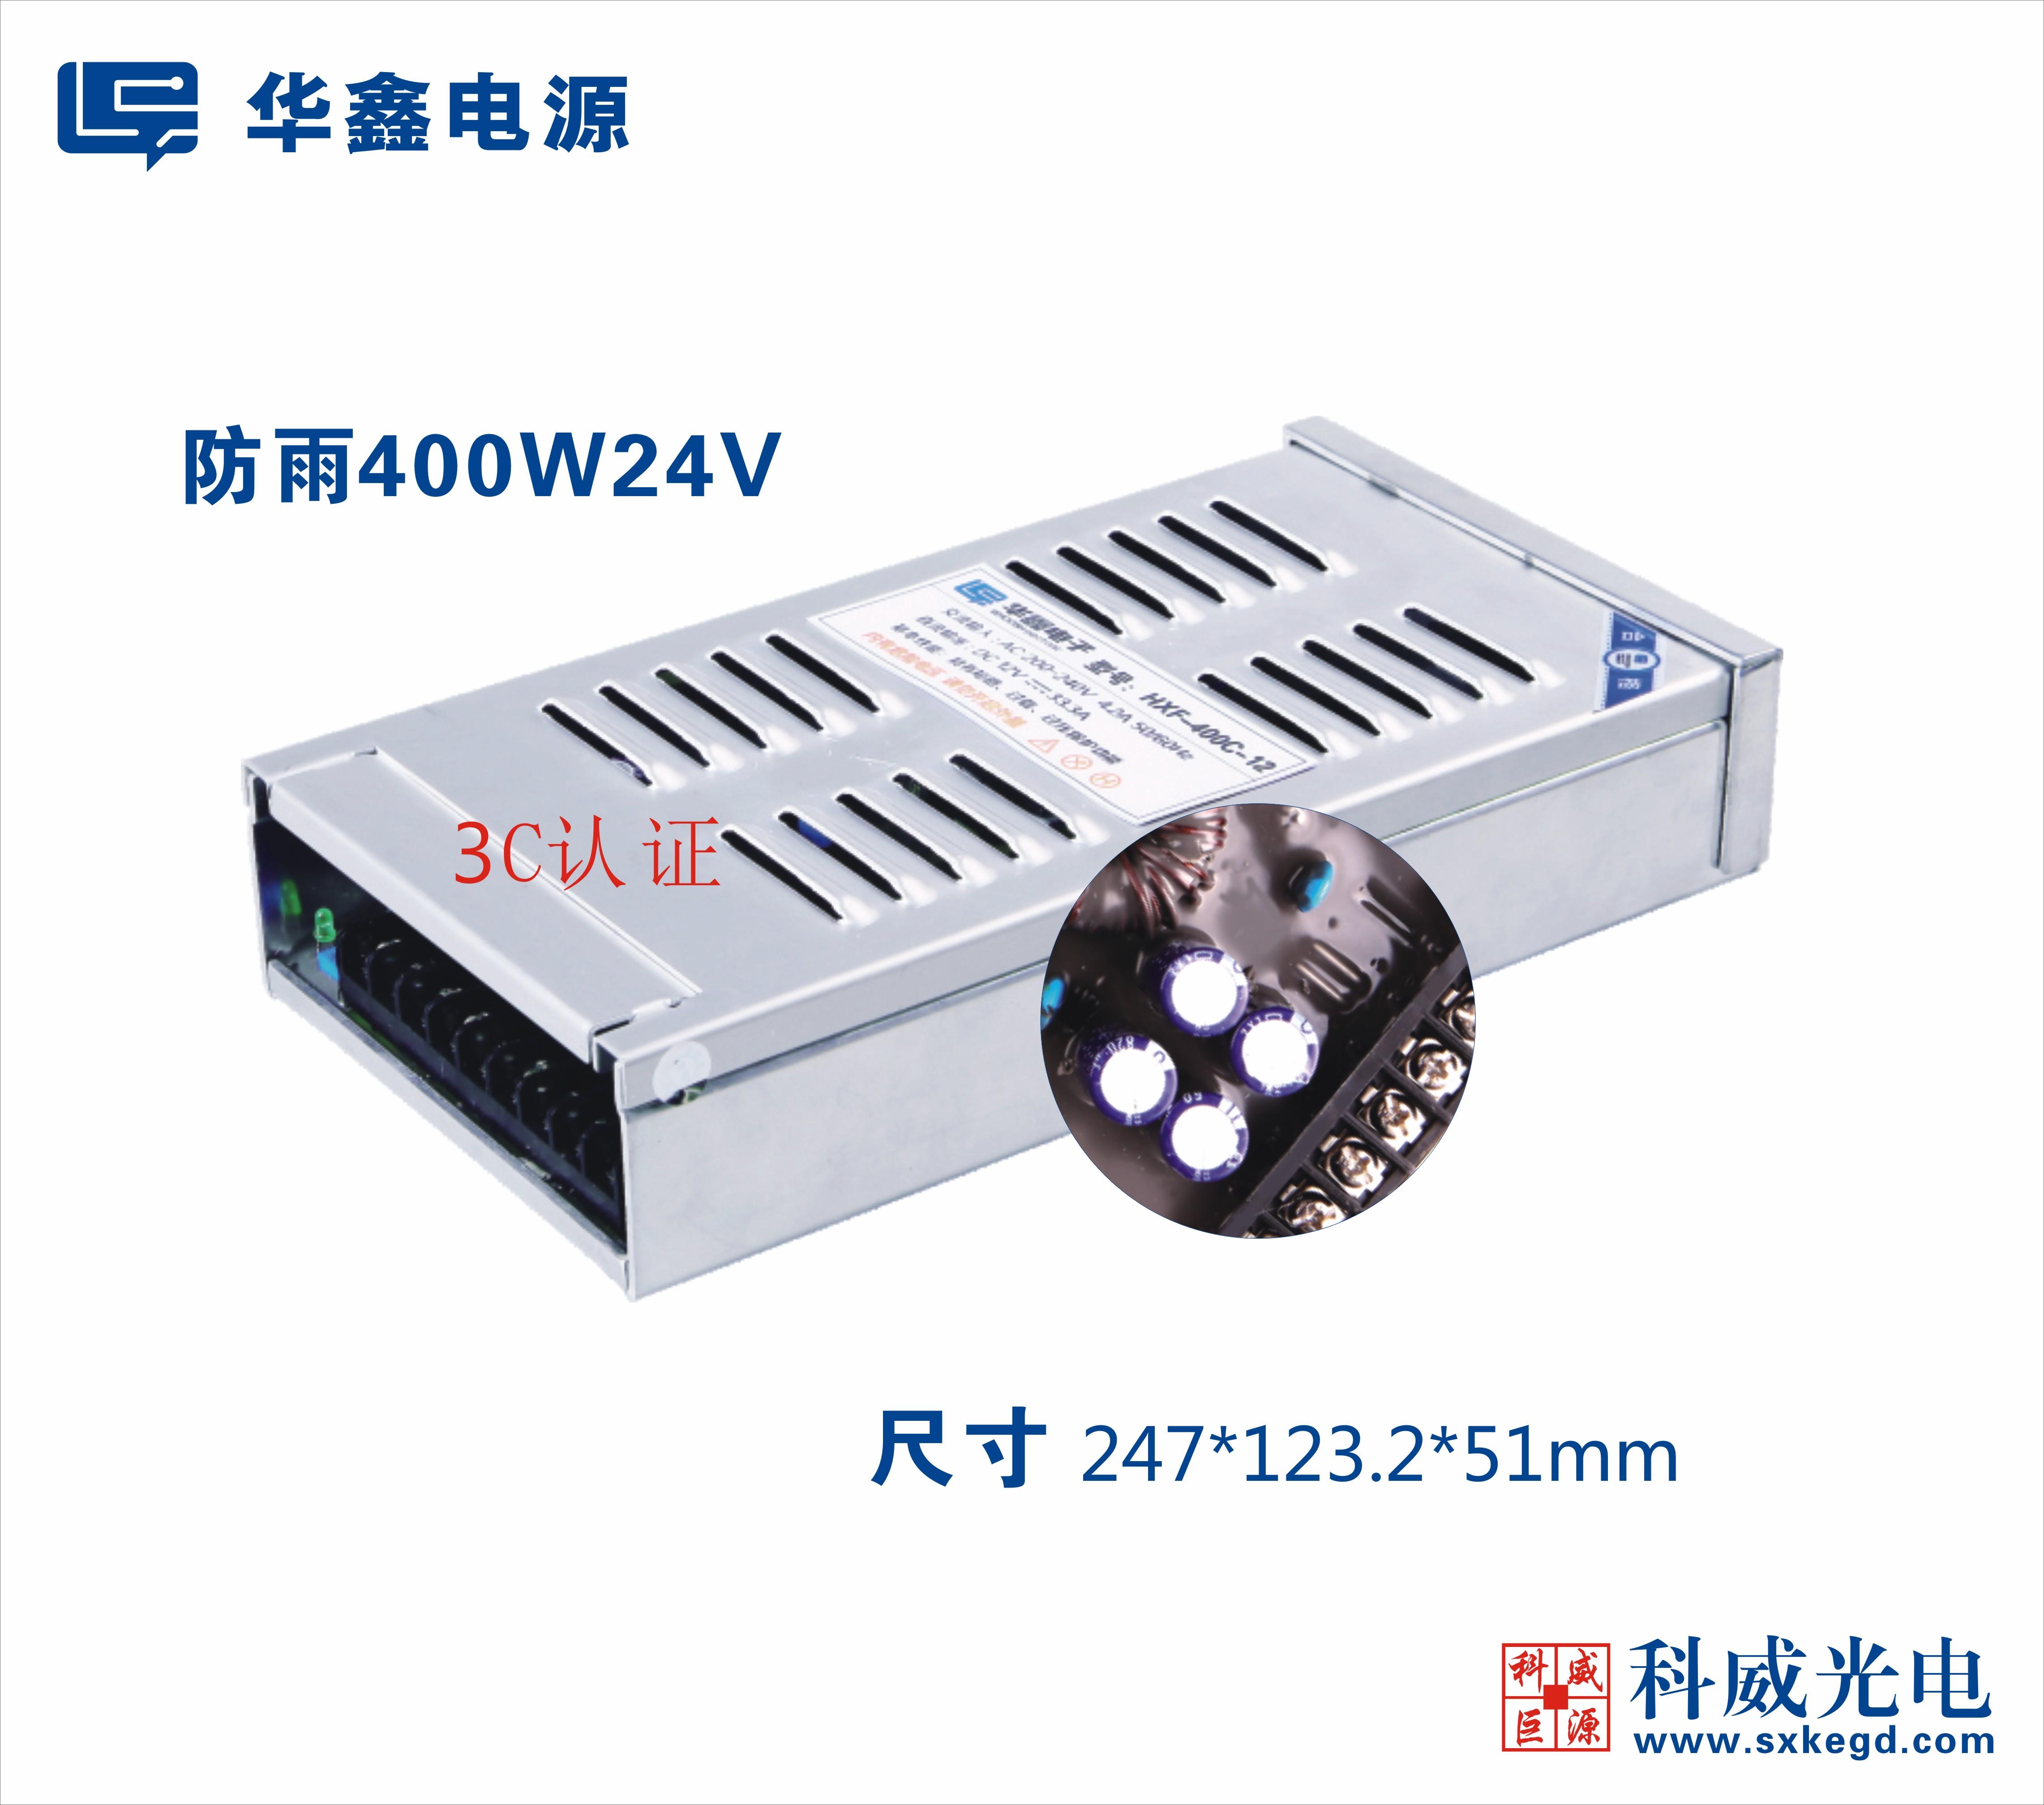 工程无风扇电源400W12V